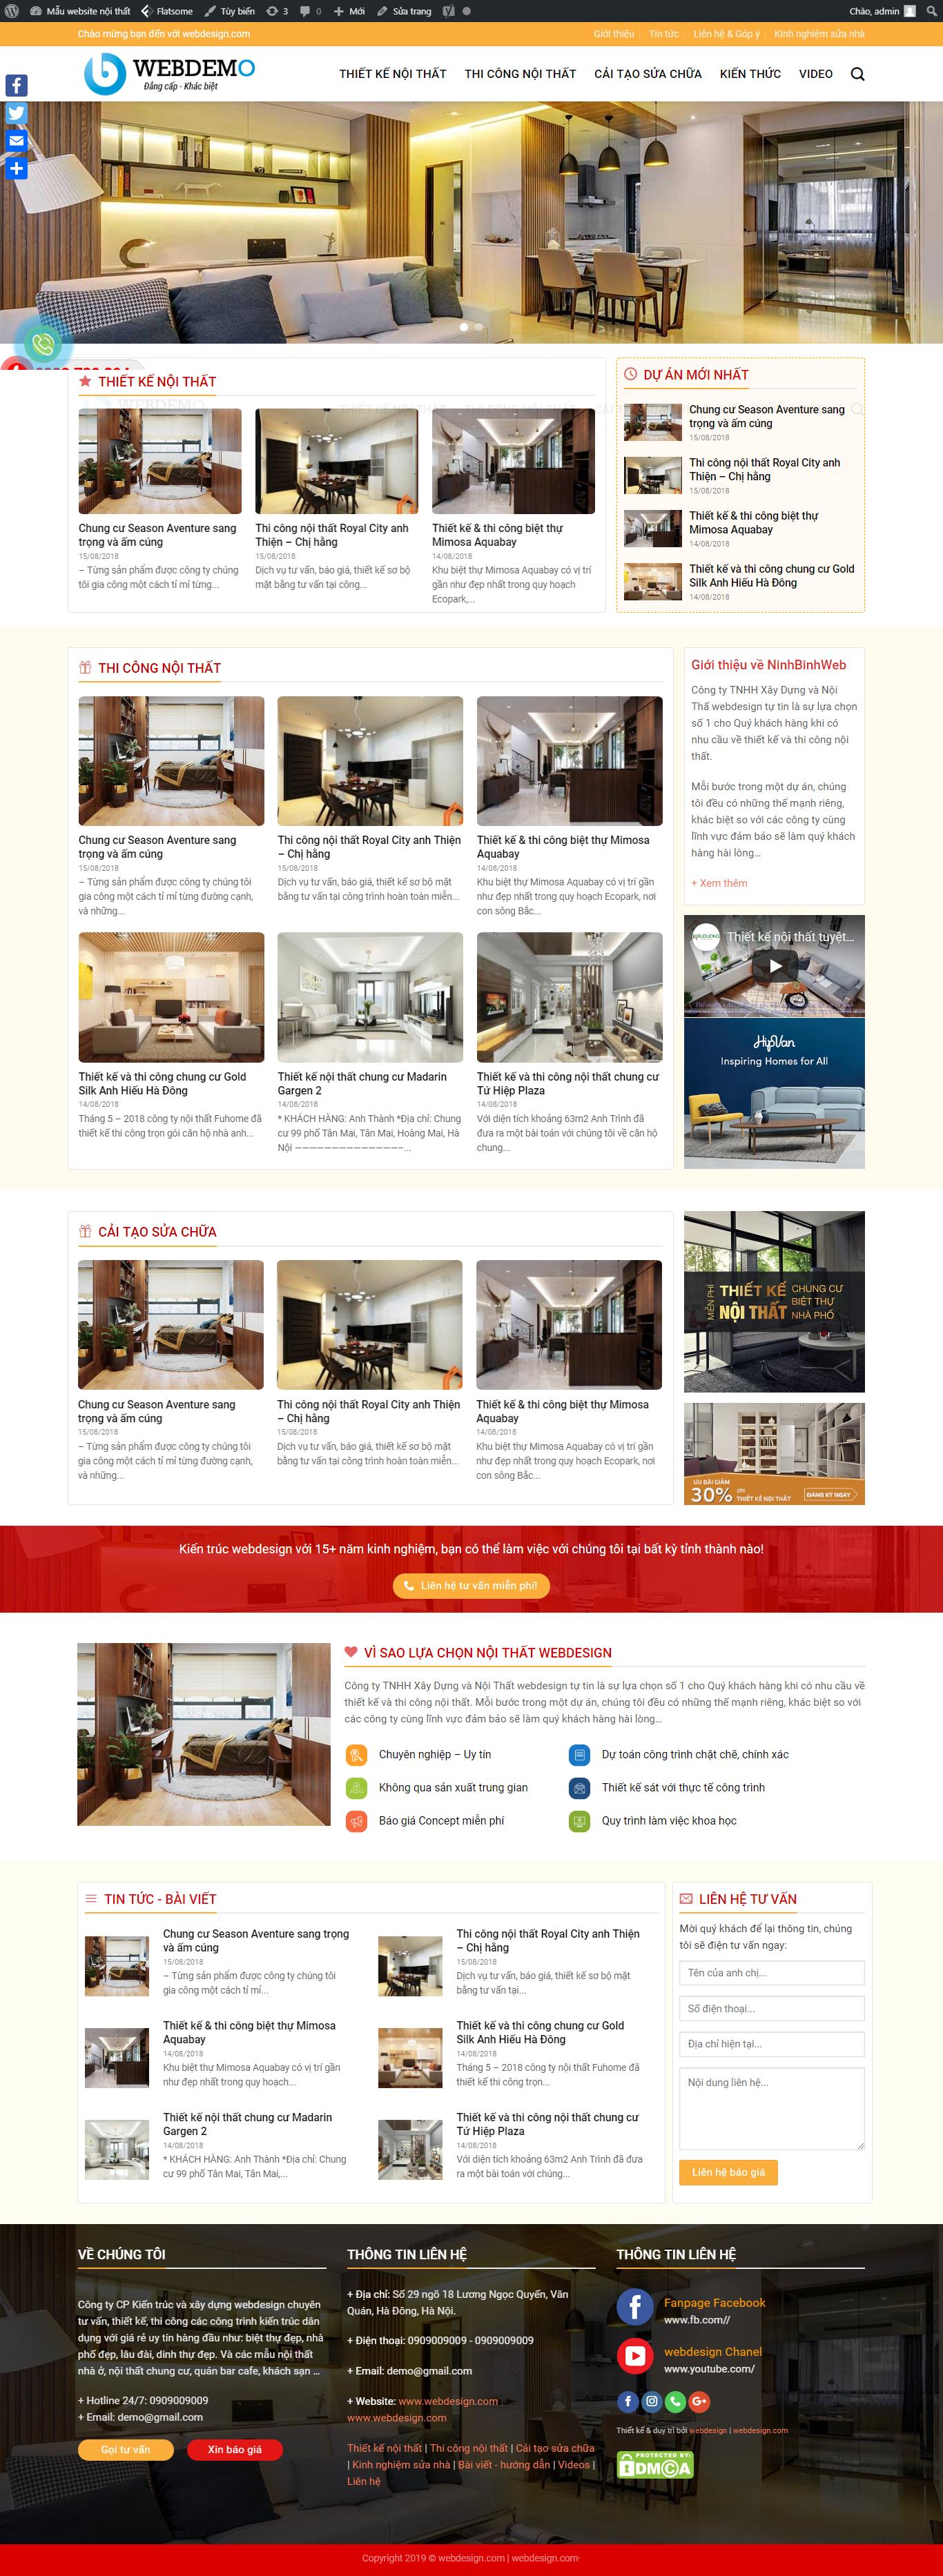 Mẫu web nội thất 5